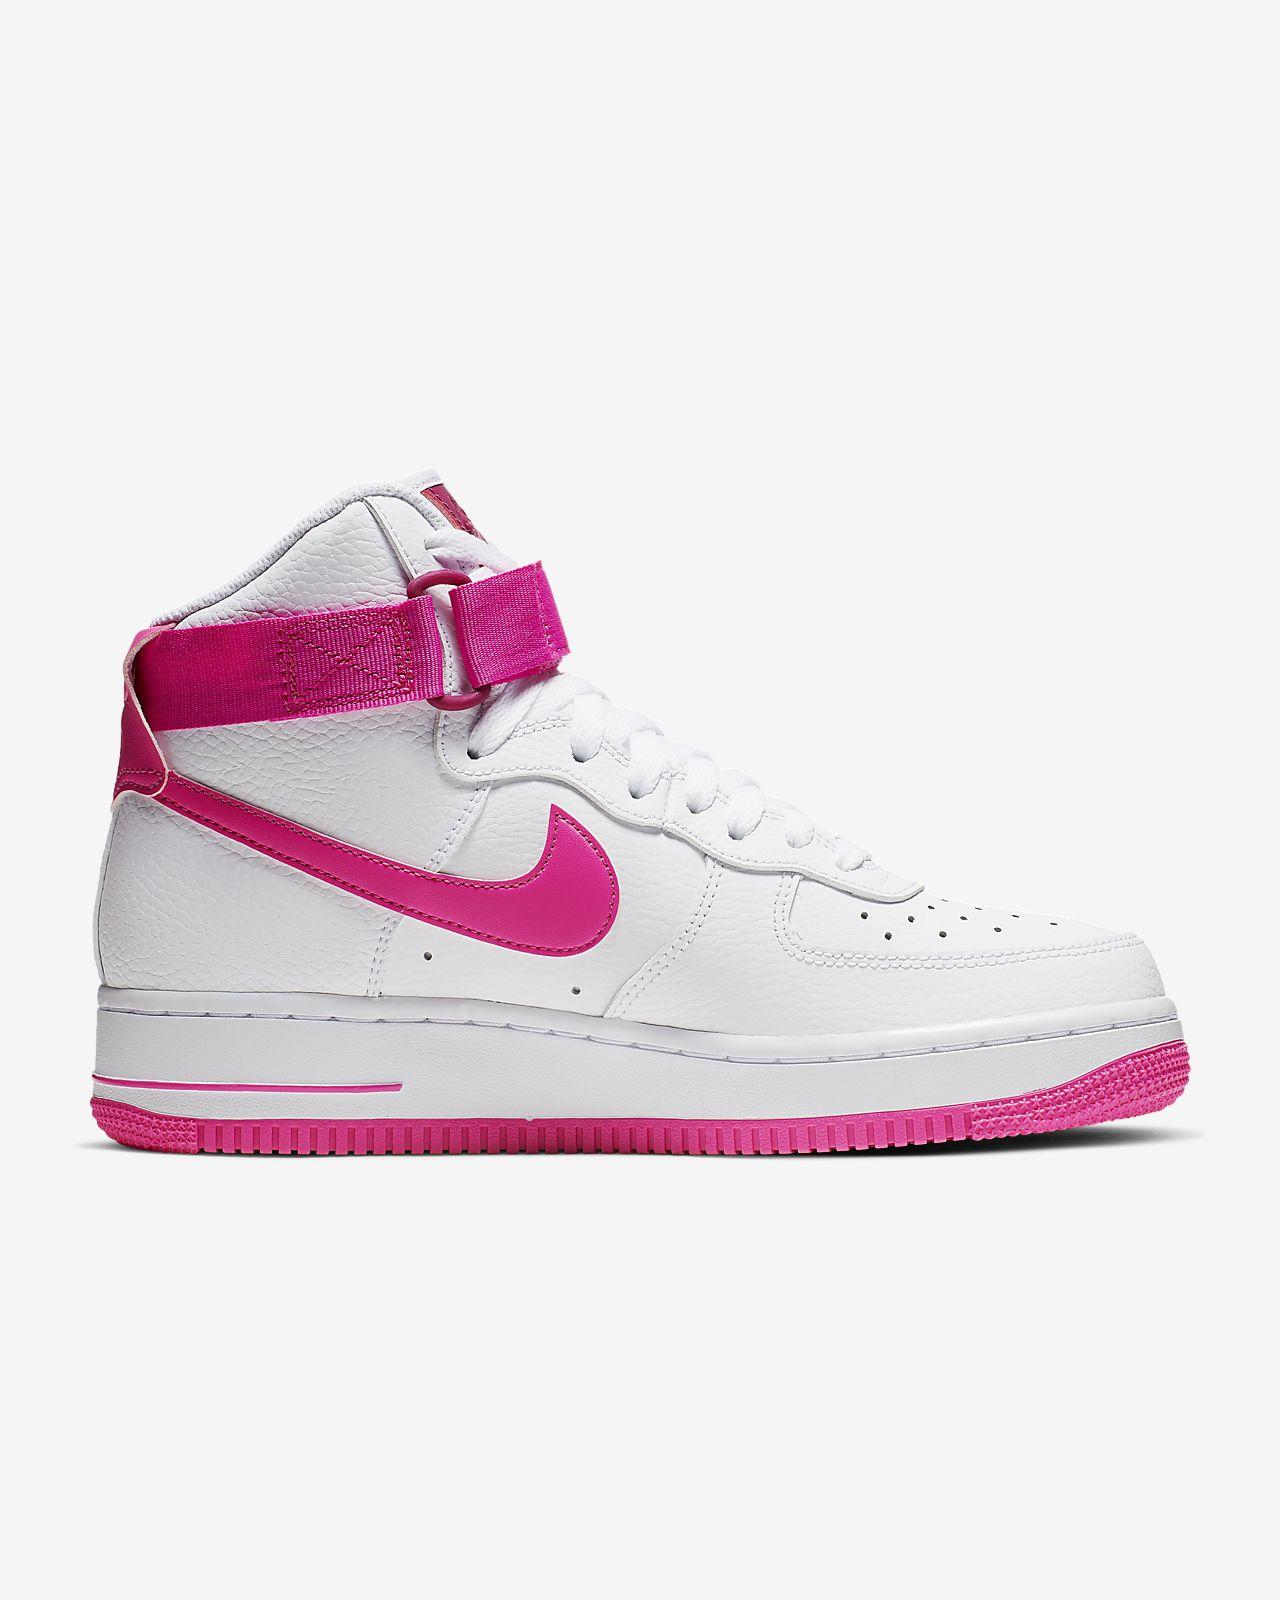 nouveau style d138a 81755 Chaussure Nike Air Force 1 High 08 LE pour Femme